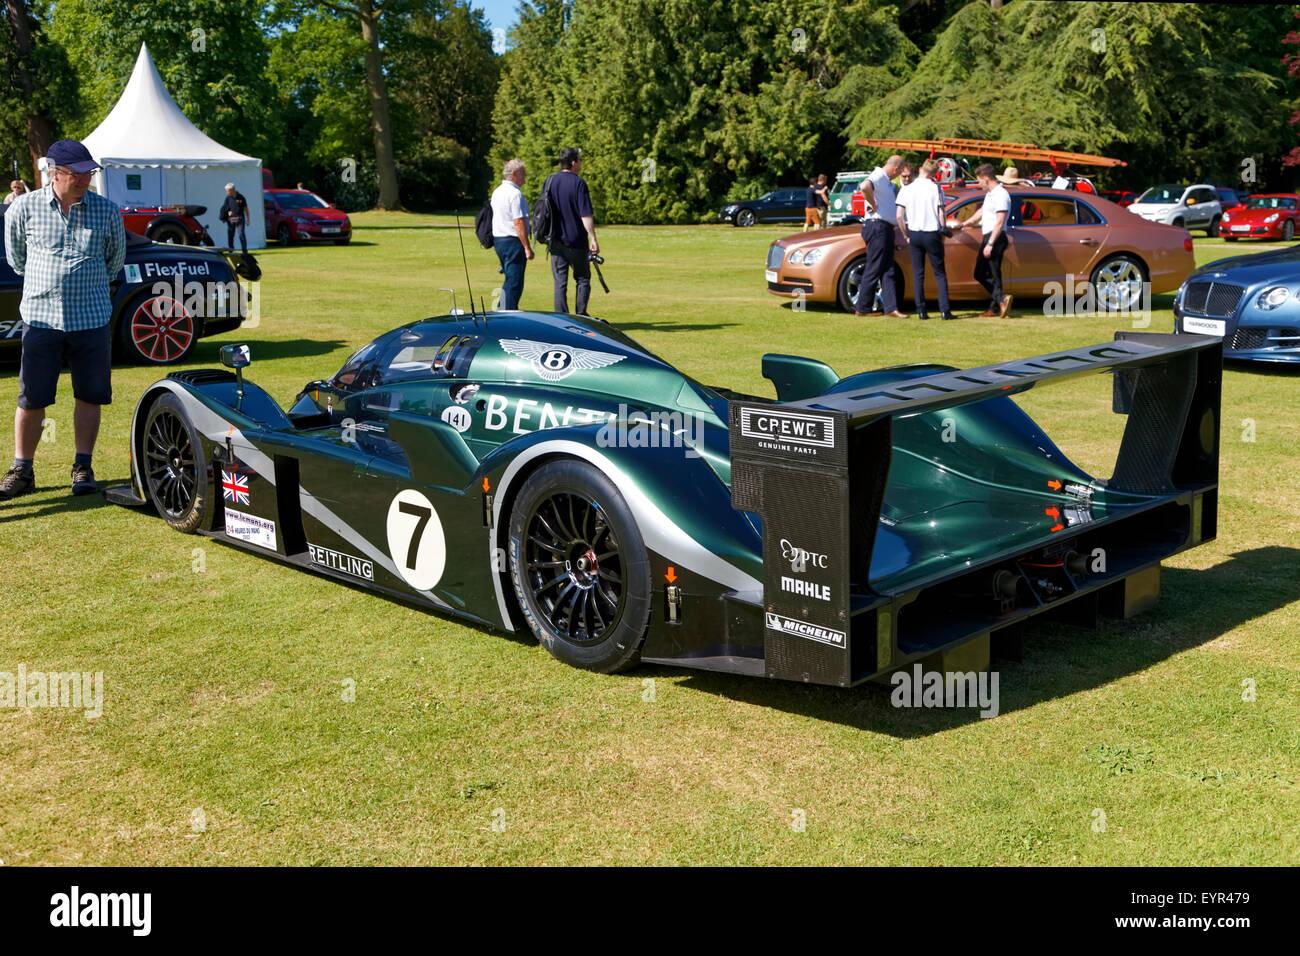 number 7 british racing green 24 hour le mans 2003 race. Black Bedroom Furniture Sets. Home Design Ideas